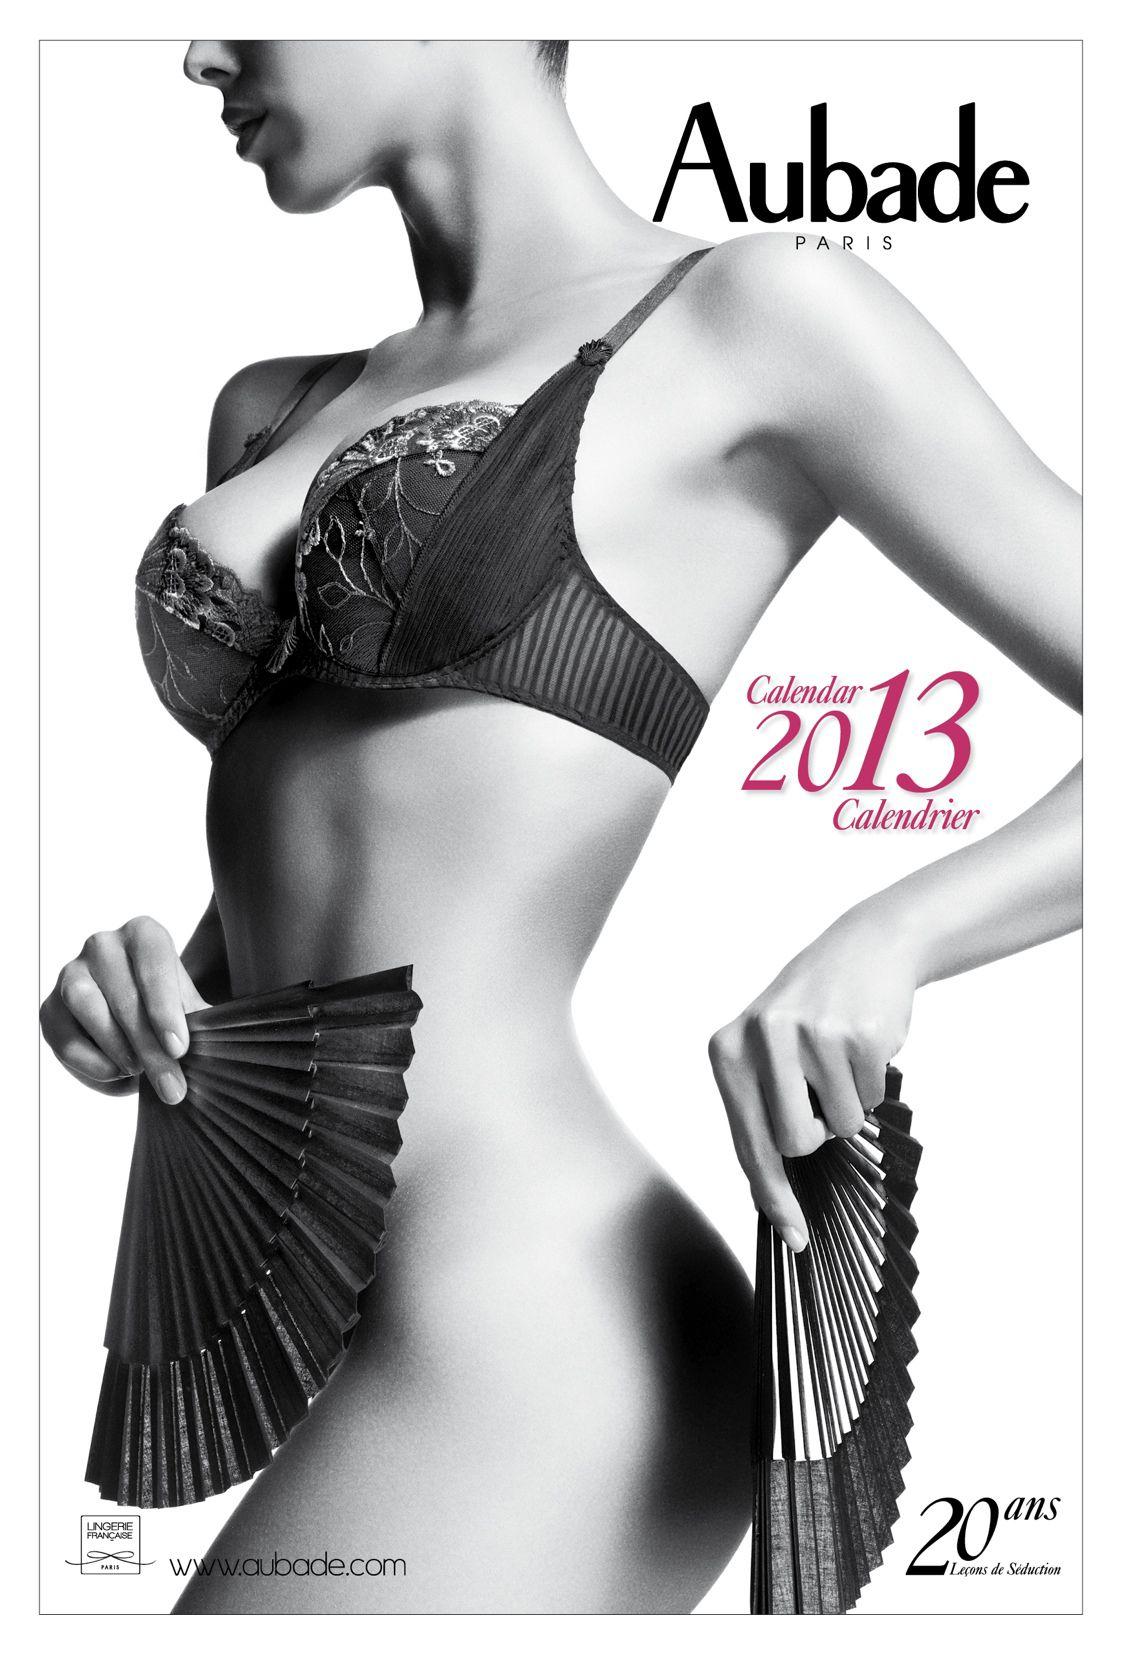 Календарь нижнего белья Aubade на 2013 год